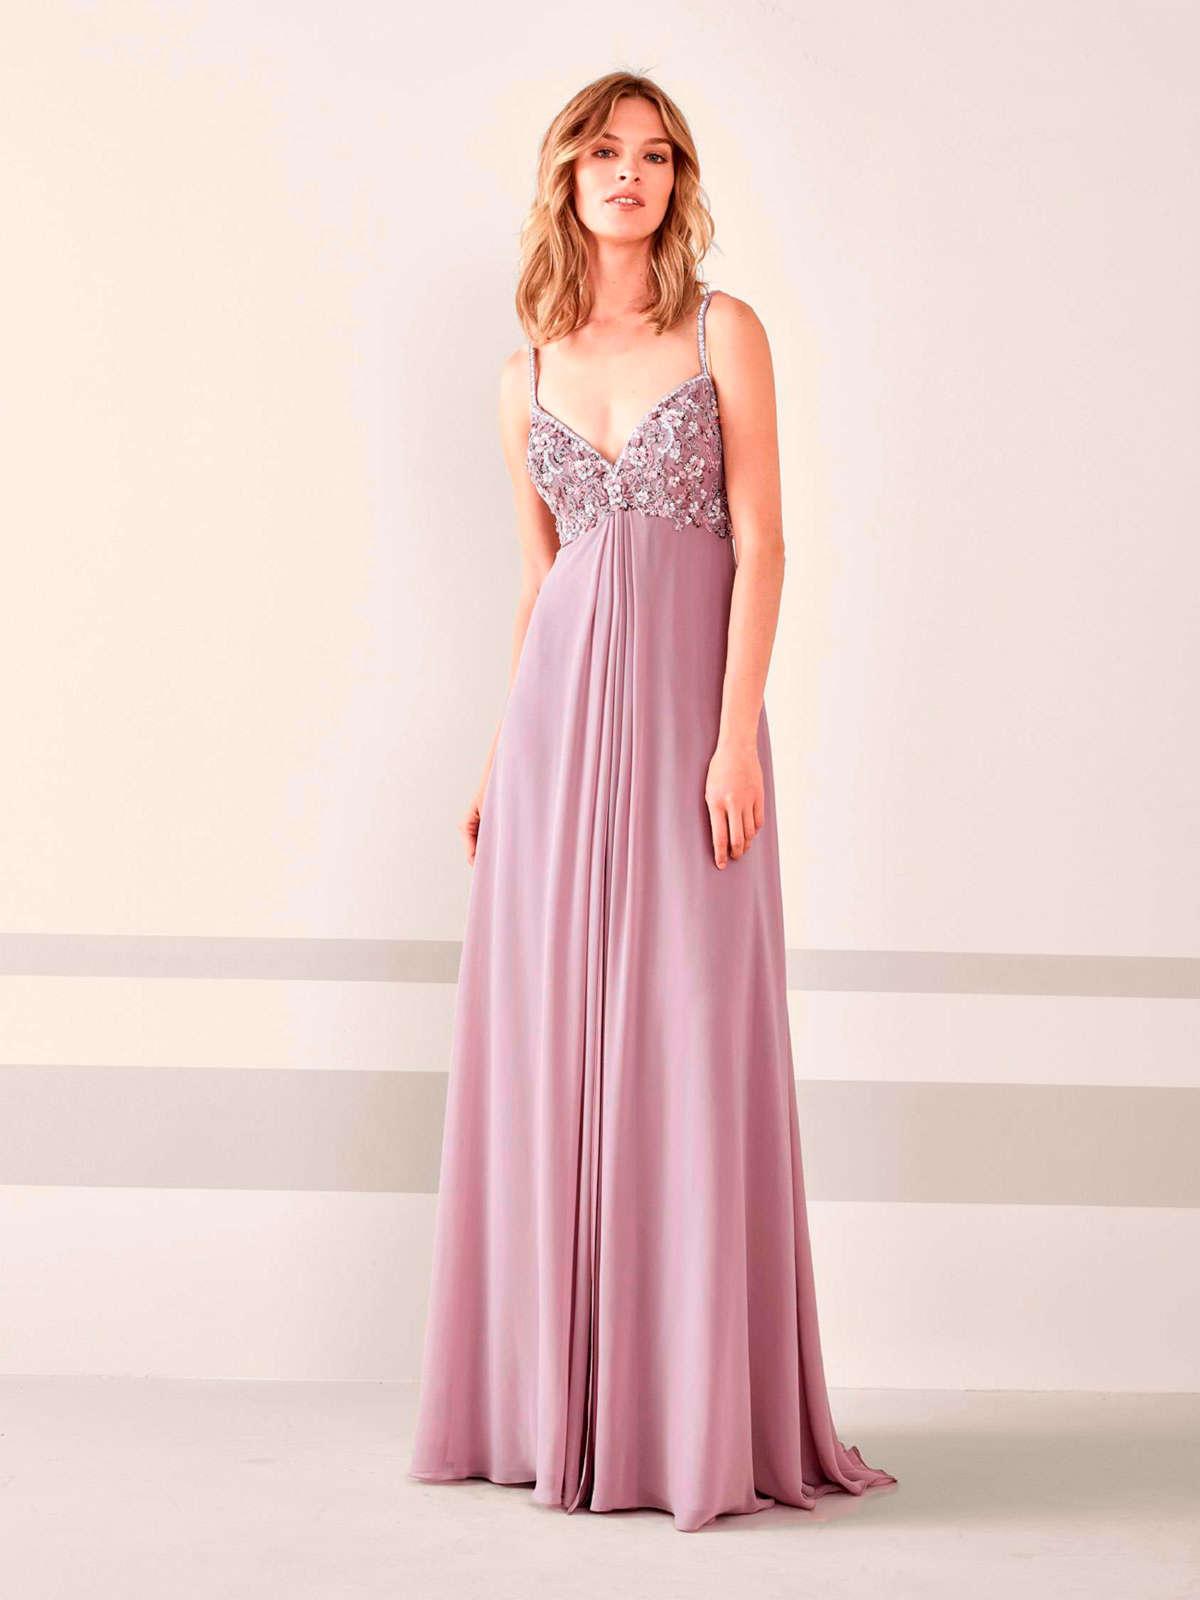 Comprar Vestido de novia barato en San Fernando - Ofertia